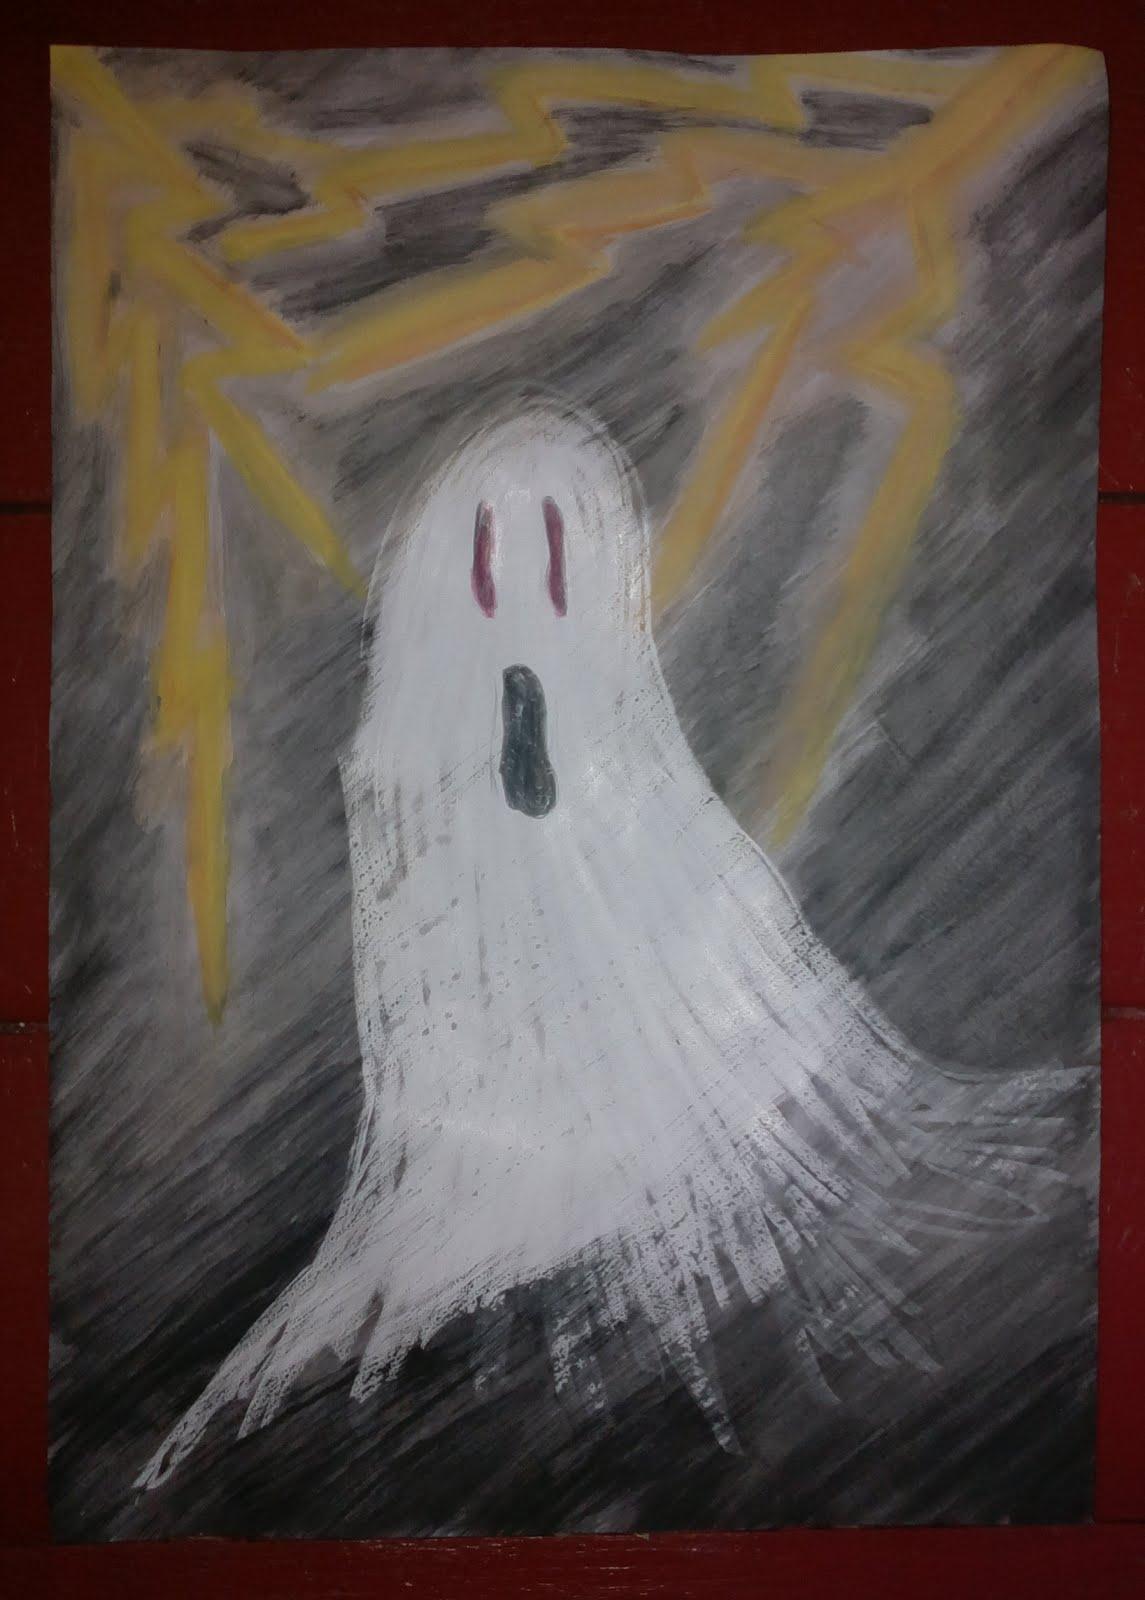 Askartele kummitustaulu Halloween-juhliin